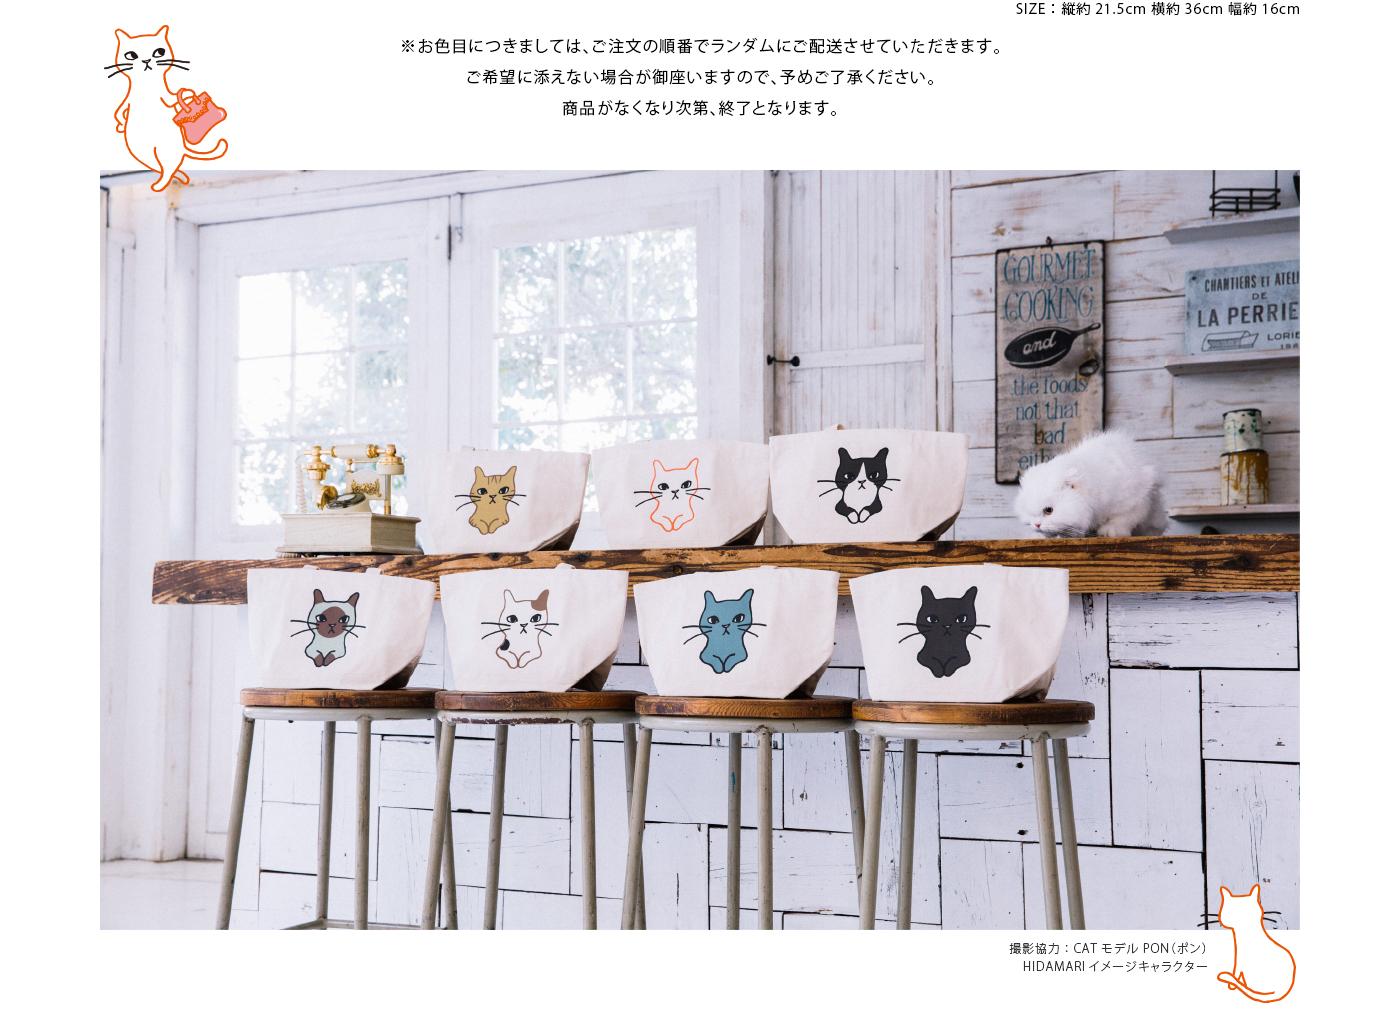 撮影協力:CATモデル PON(ポン)HIDAMARIイメージキャラクター